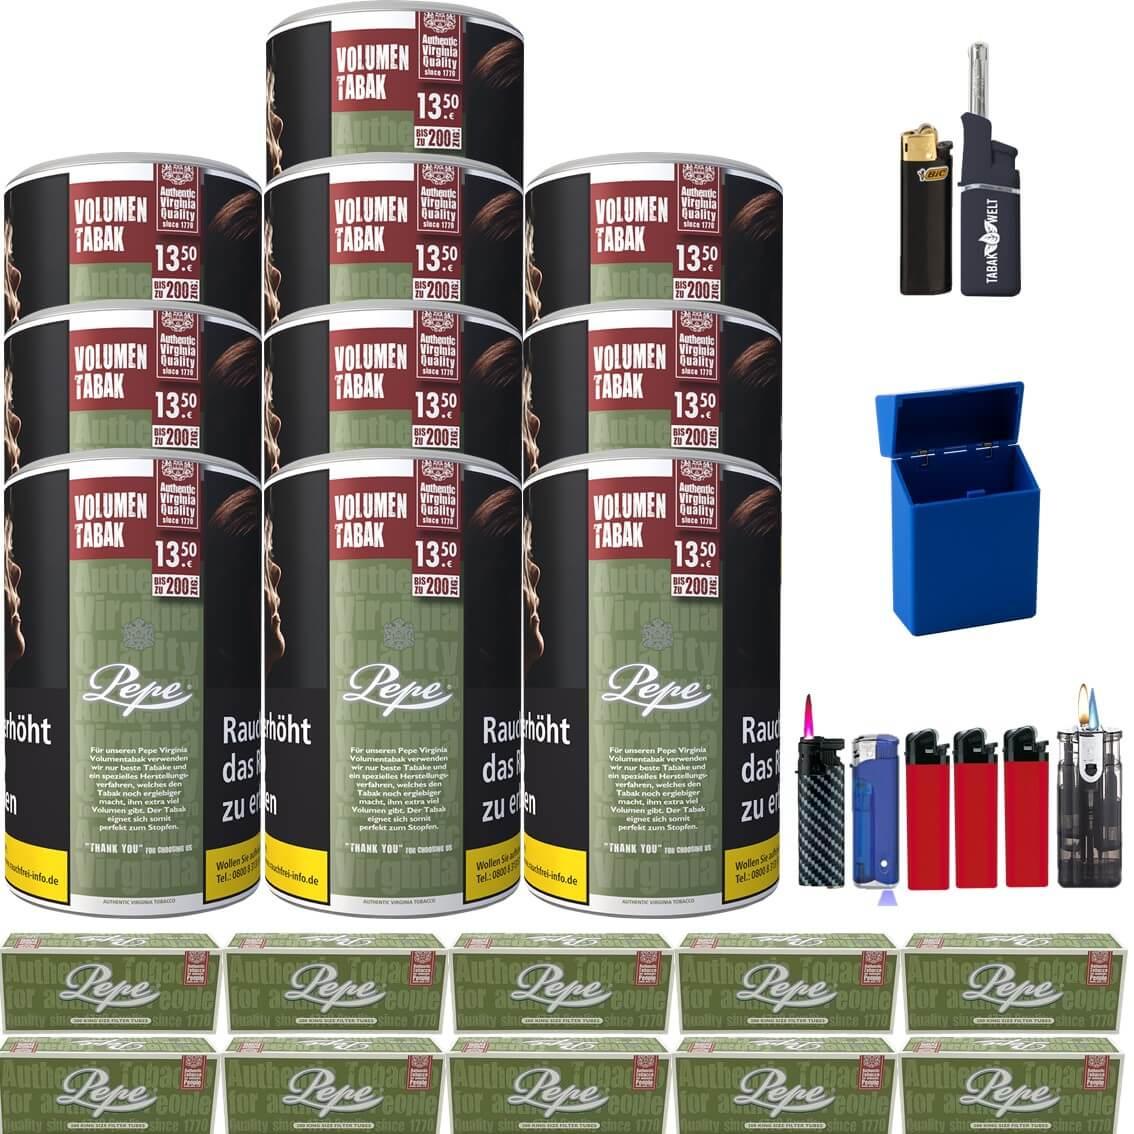 Pepe Rich Green 10 x 85g Volumentabak King Size Filterhülse Uvm.